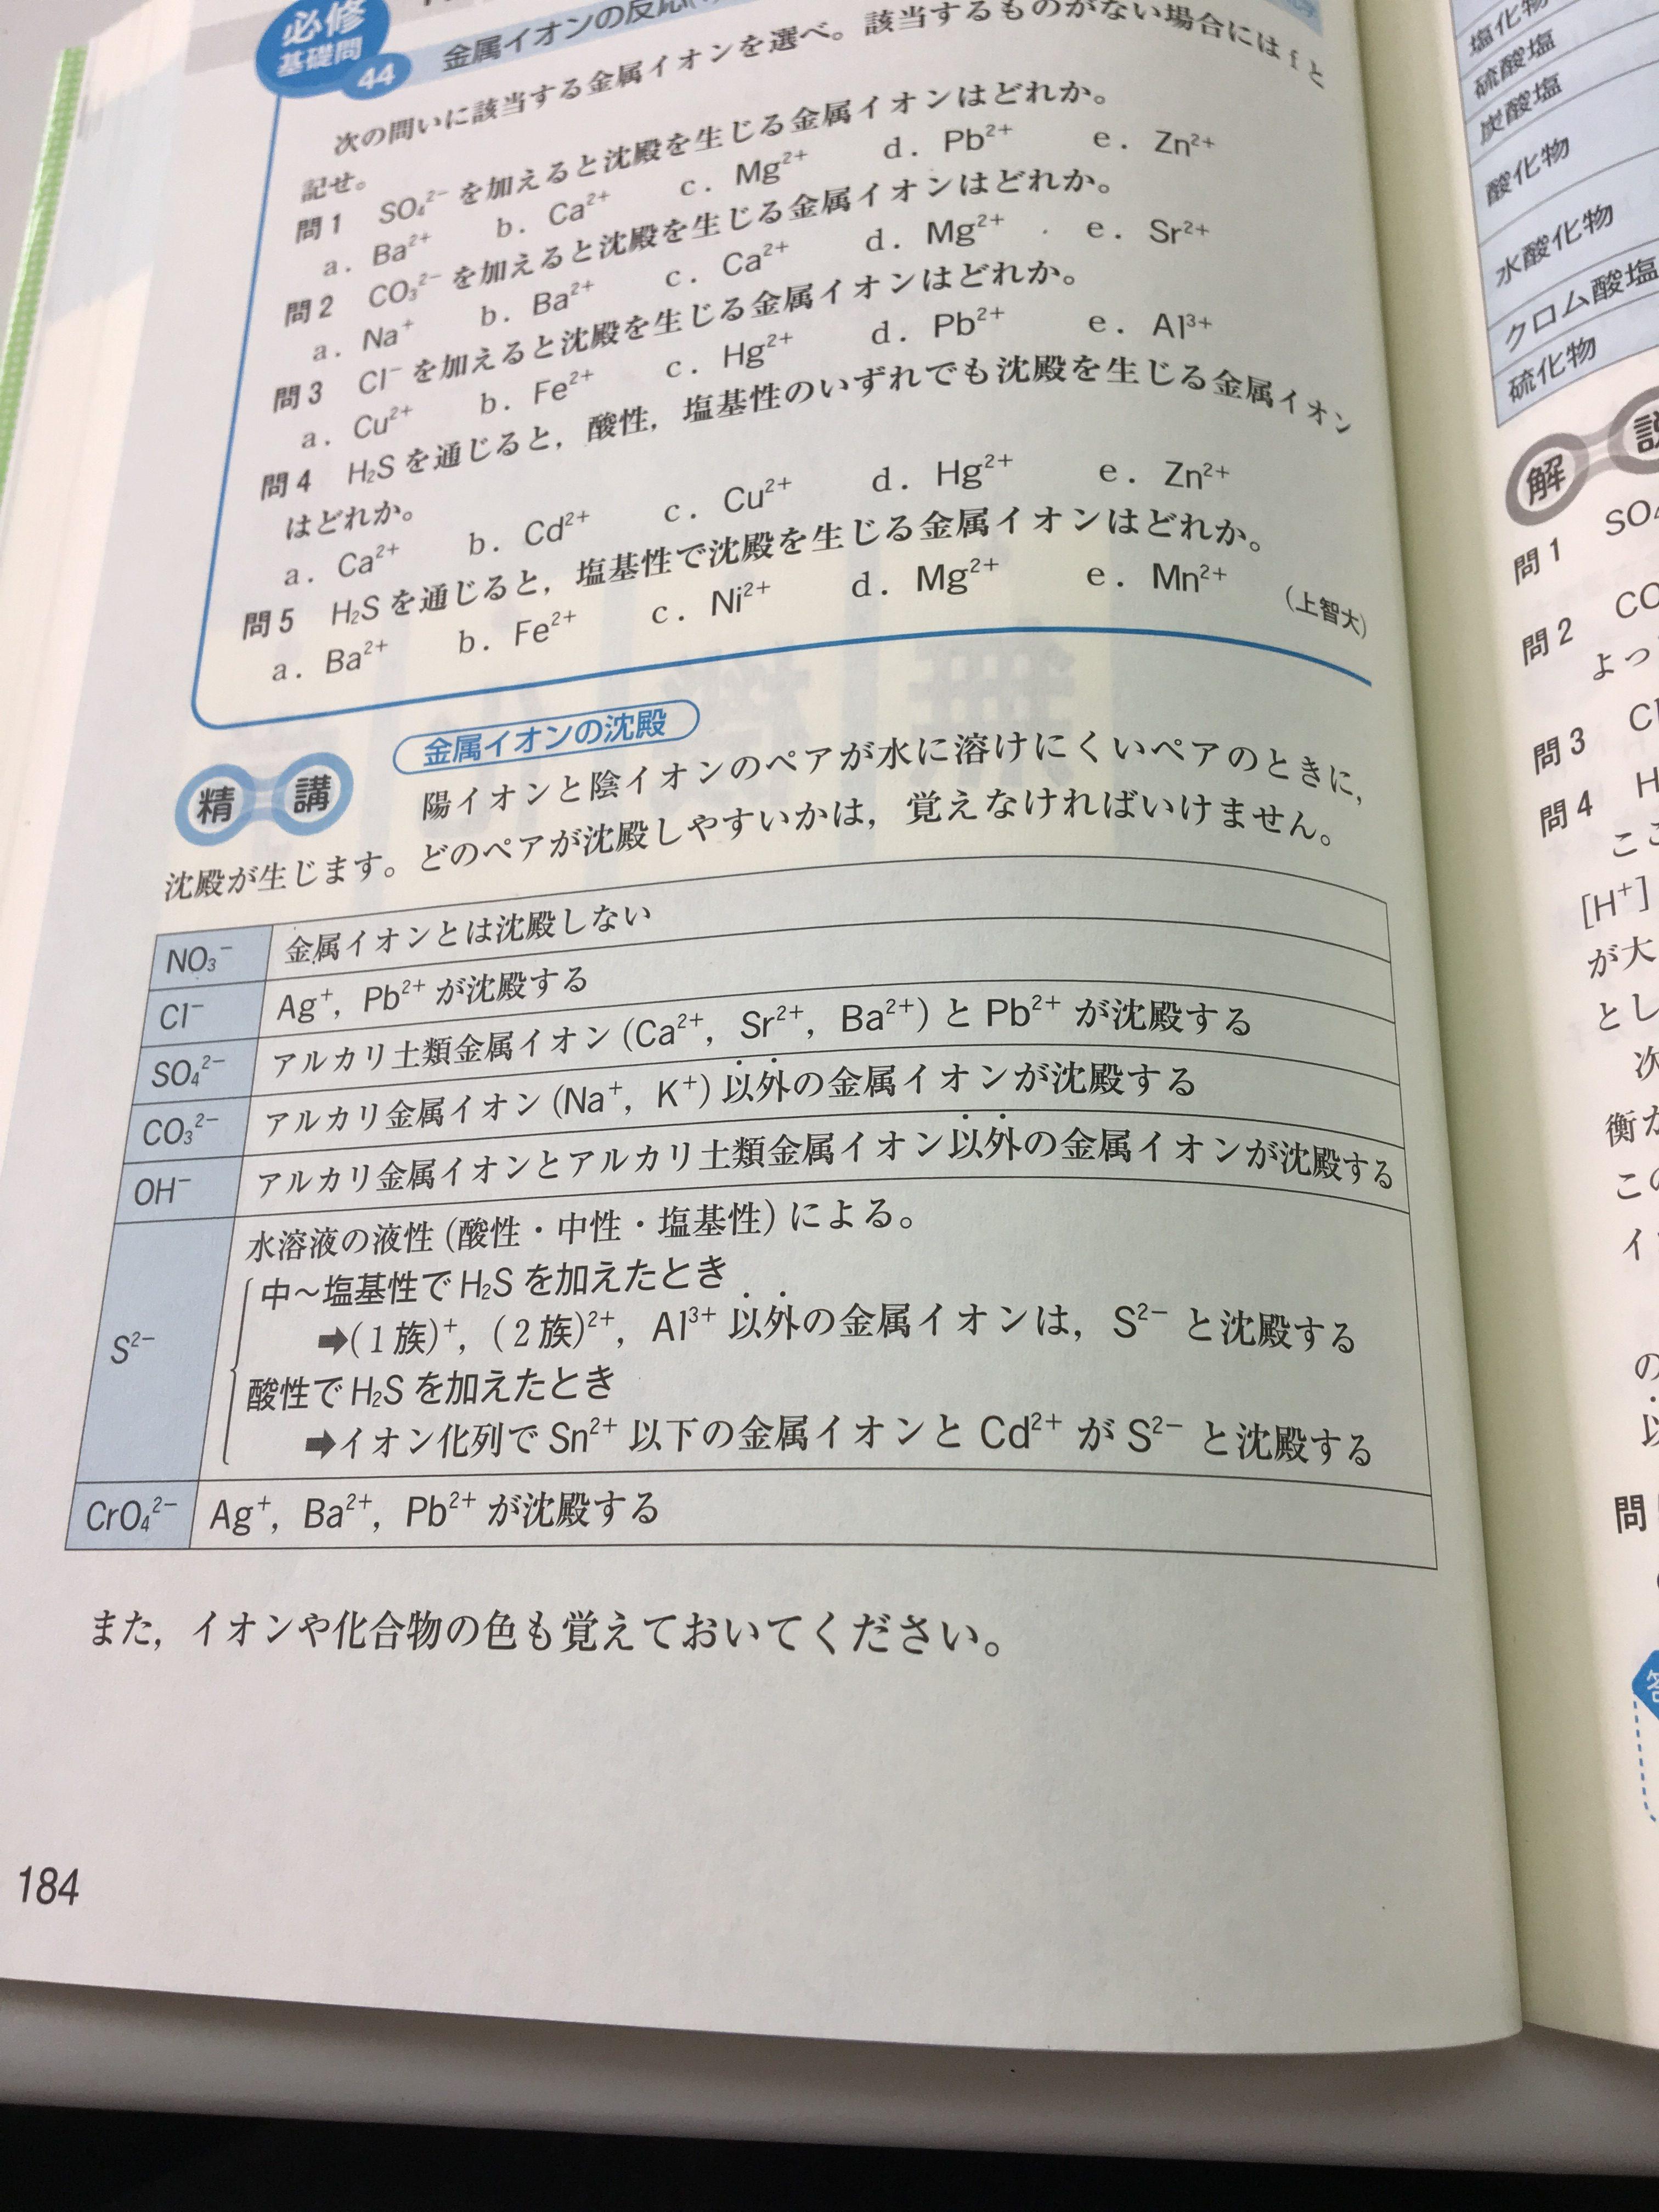 化学暗記事項(無機・有機)の覚え方~質問リスト暗記法~